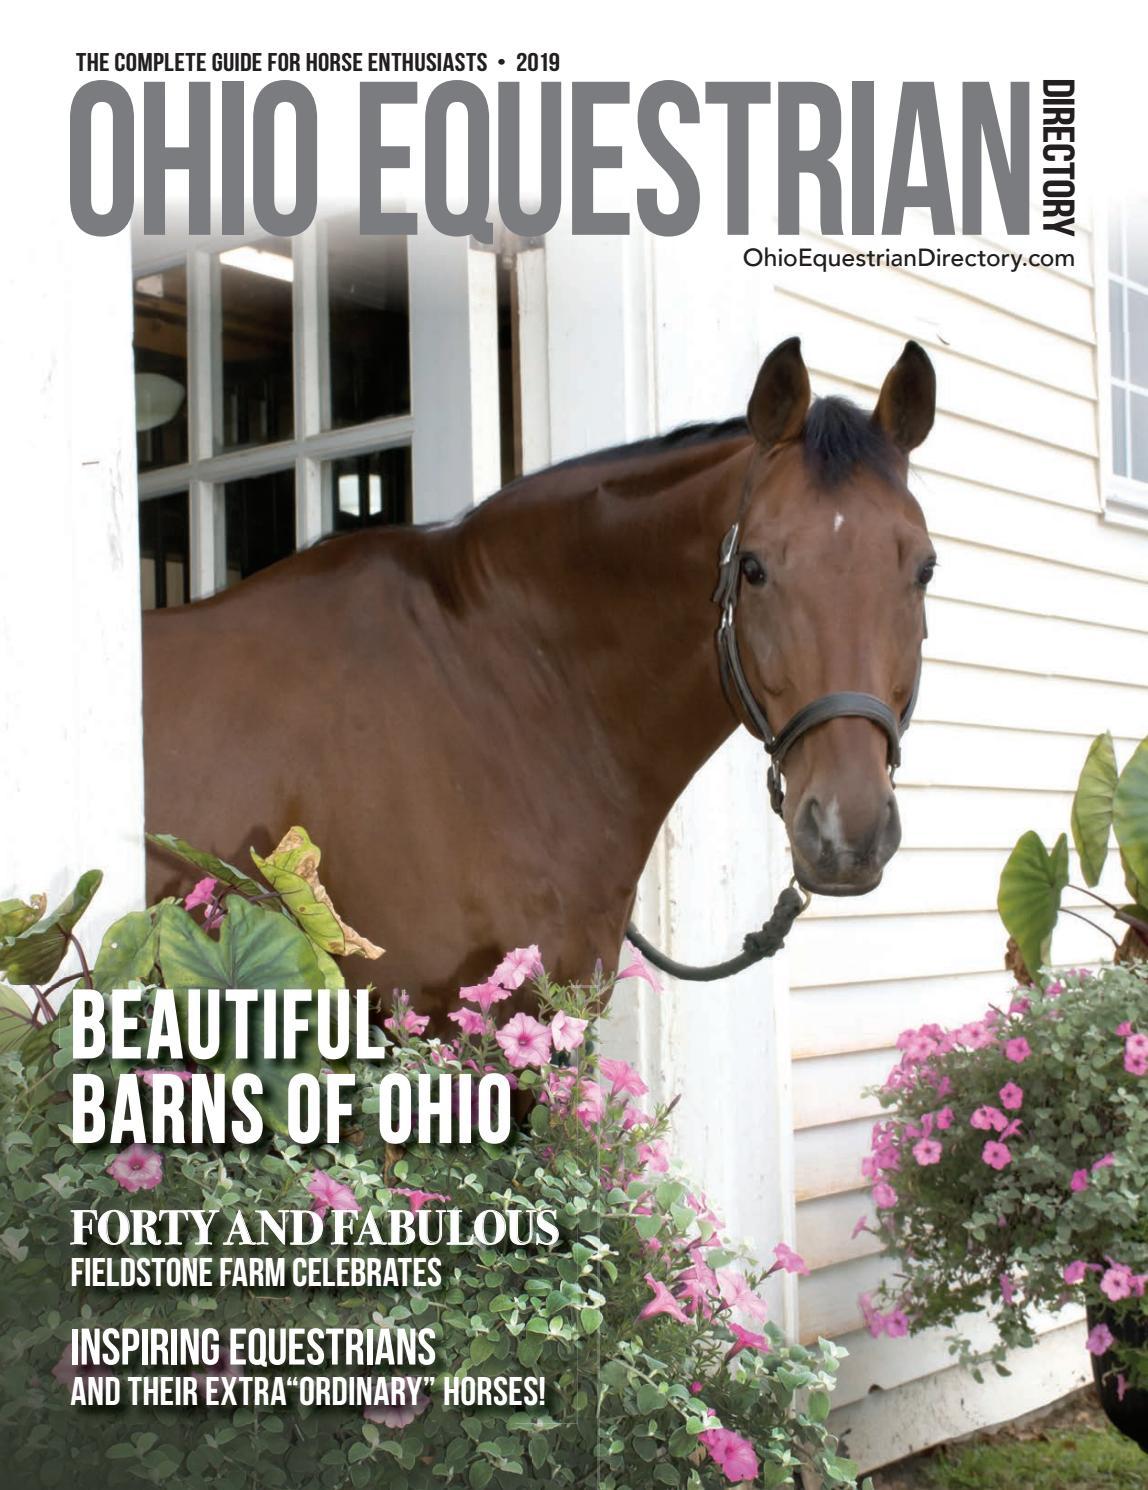 Ohio Equestrian Directory 2019 By Equestriandirectory Ensomedia Issuu